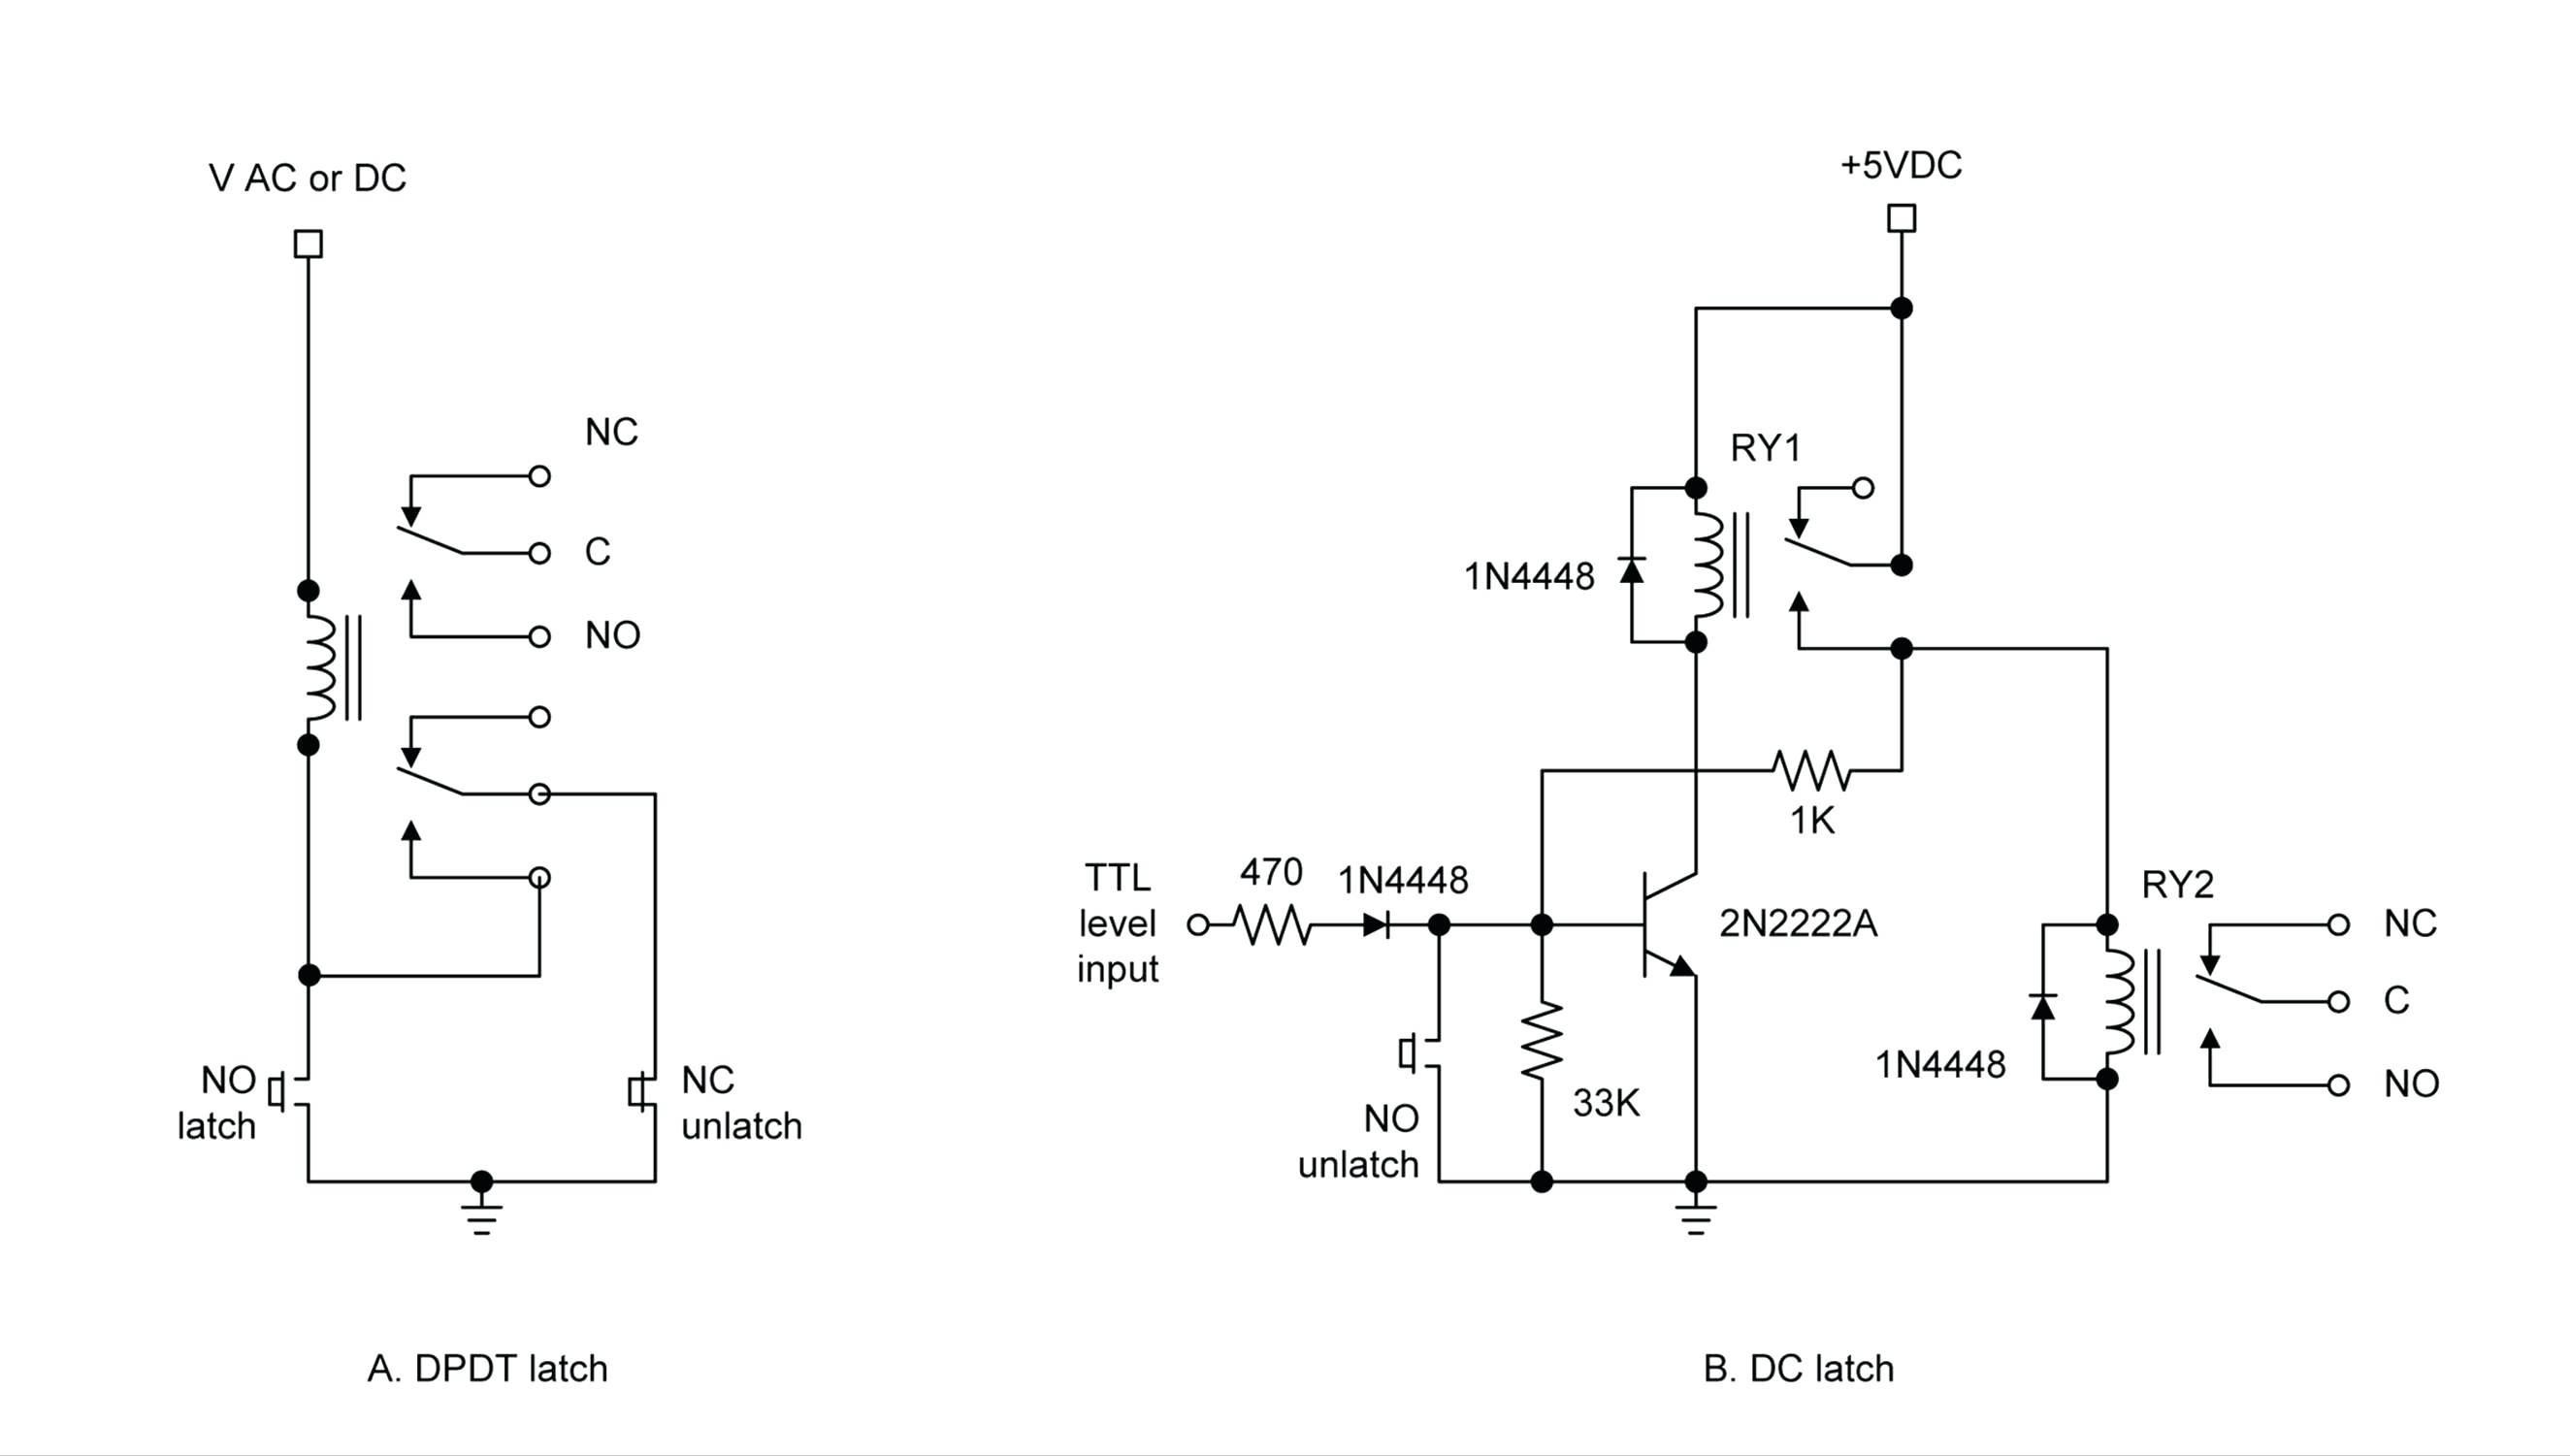 Air Horn On Car Air Horn Wiring Diagram - Wiring Diagram - Air Horns Wiring Diagram